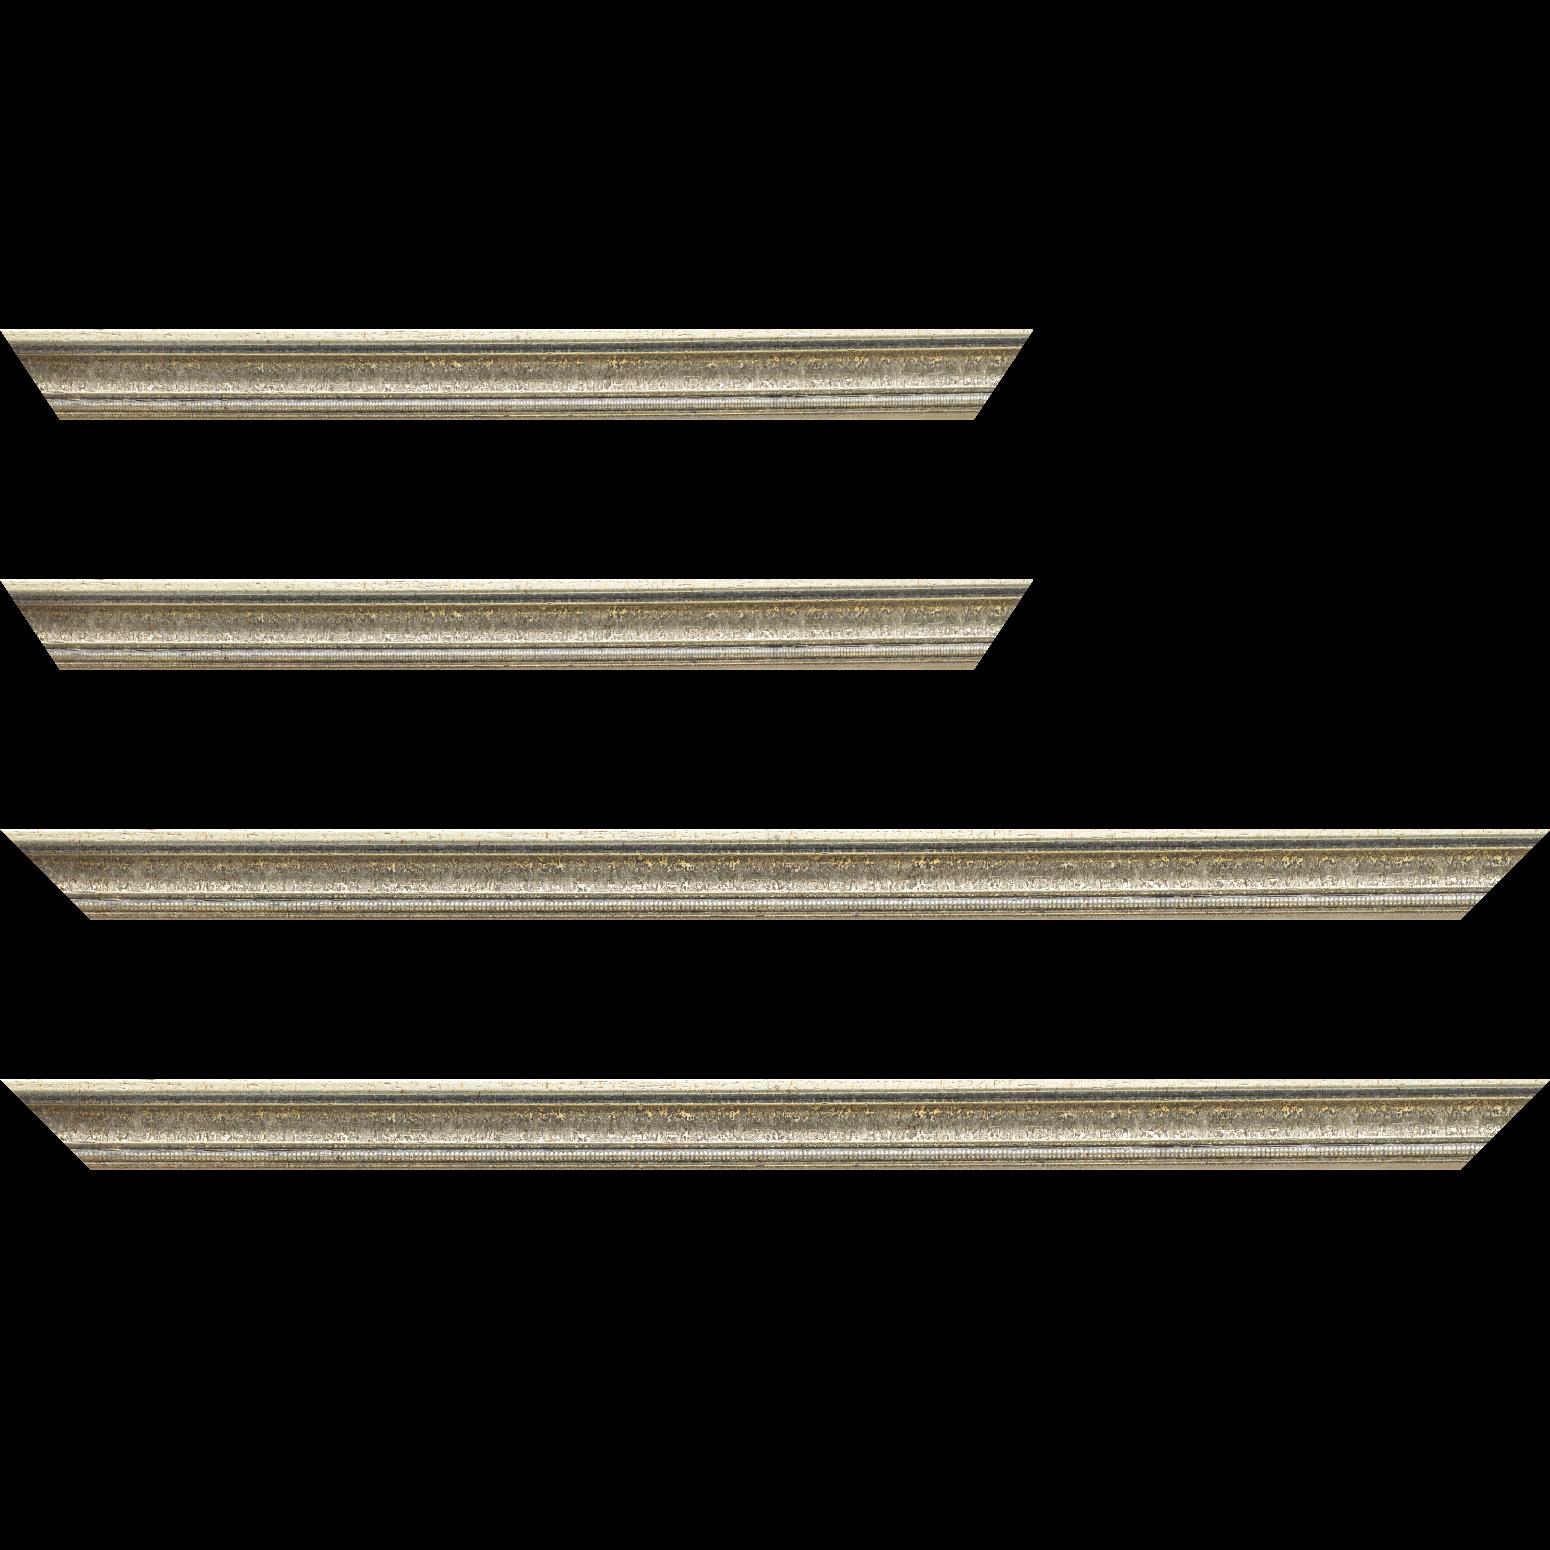 Baguette service précoupé Bois profil incuvé largeur 2.4cm argent antique gorge argent filet perle or